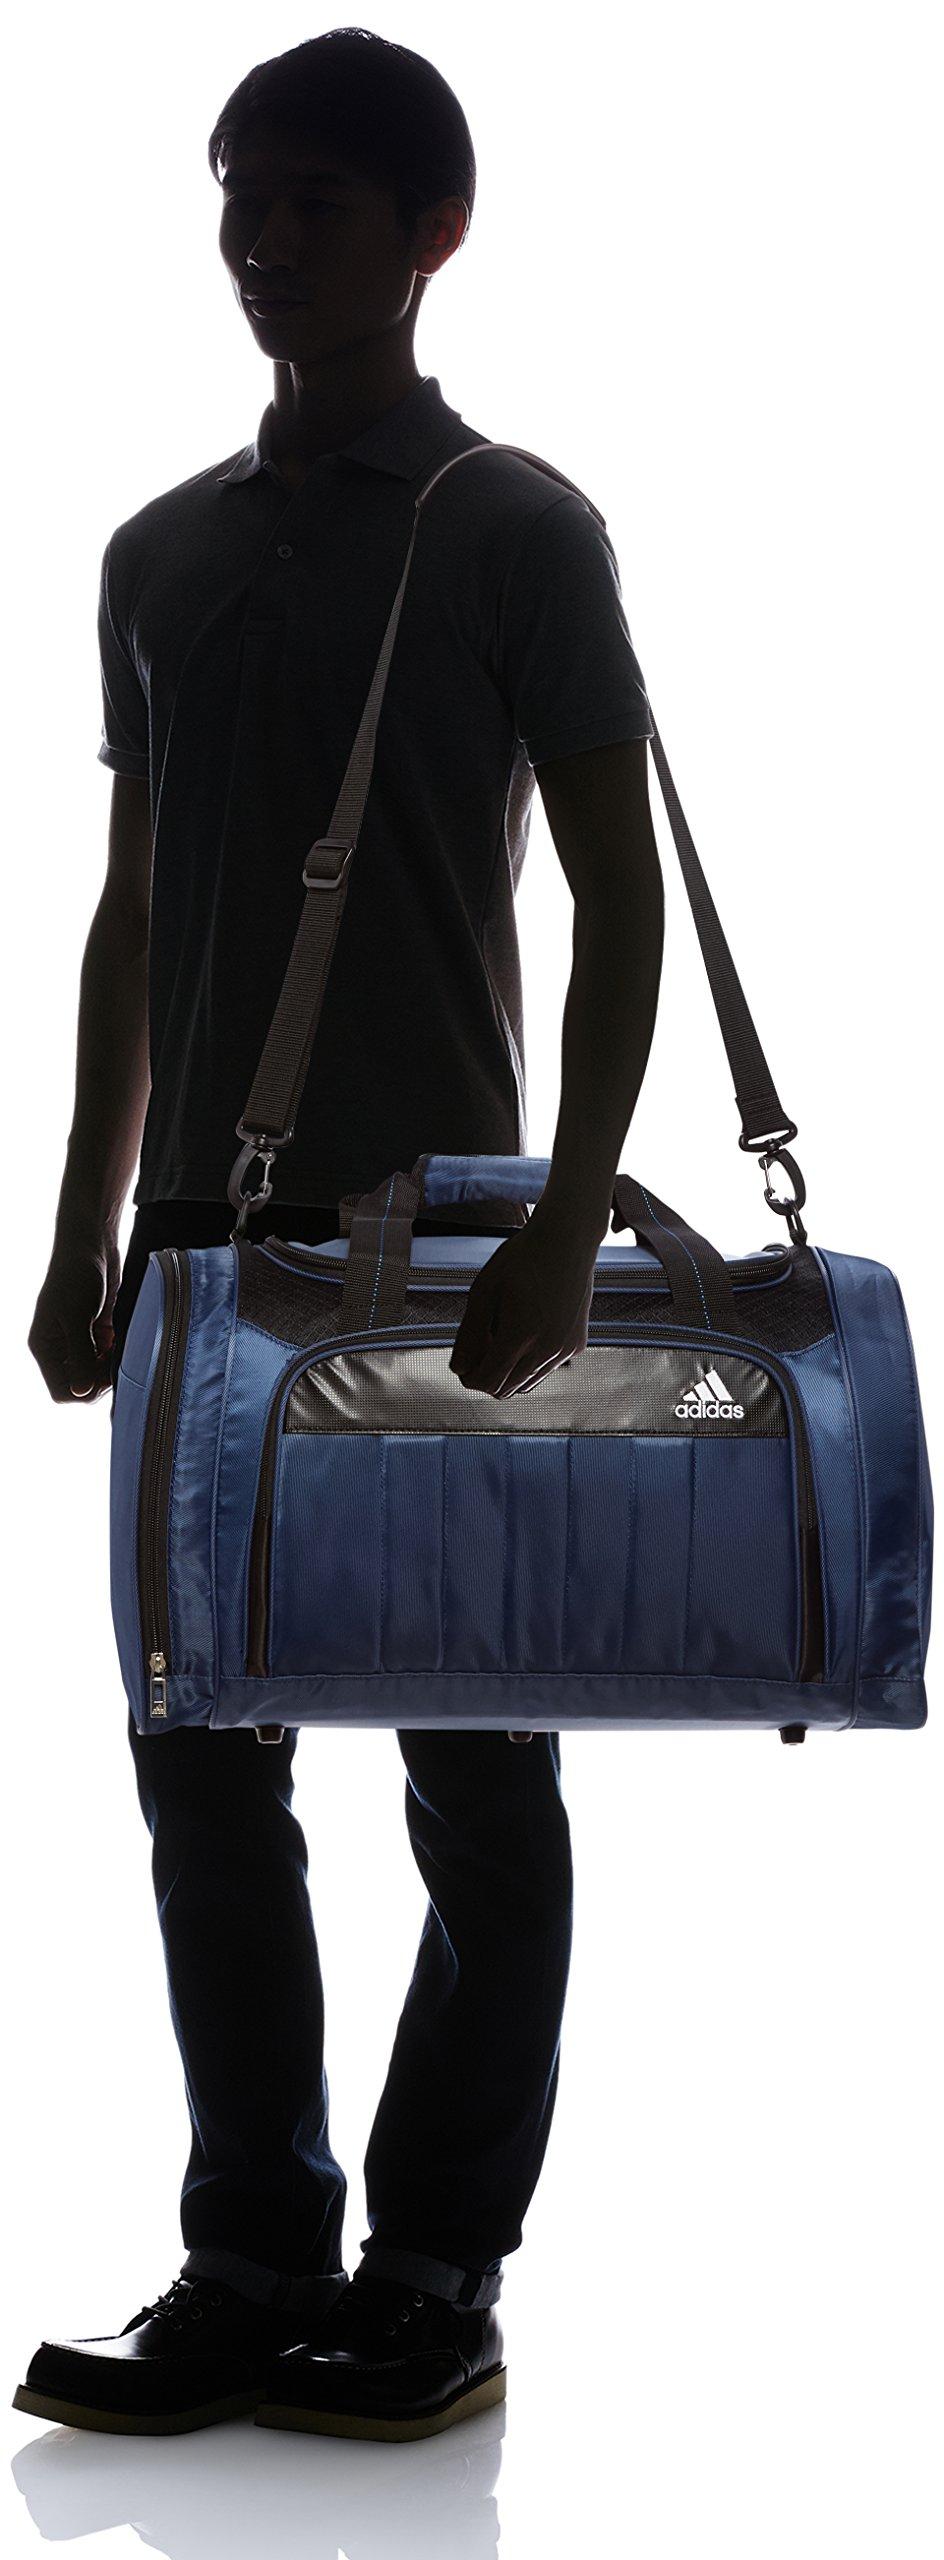 [Adidas Golf] Boston Bag 4 Deodorant Name awr93 by adidas (Image #6)